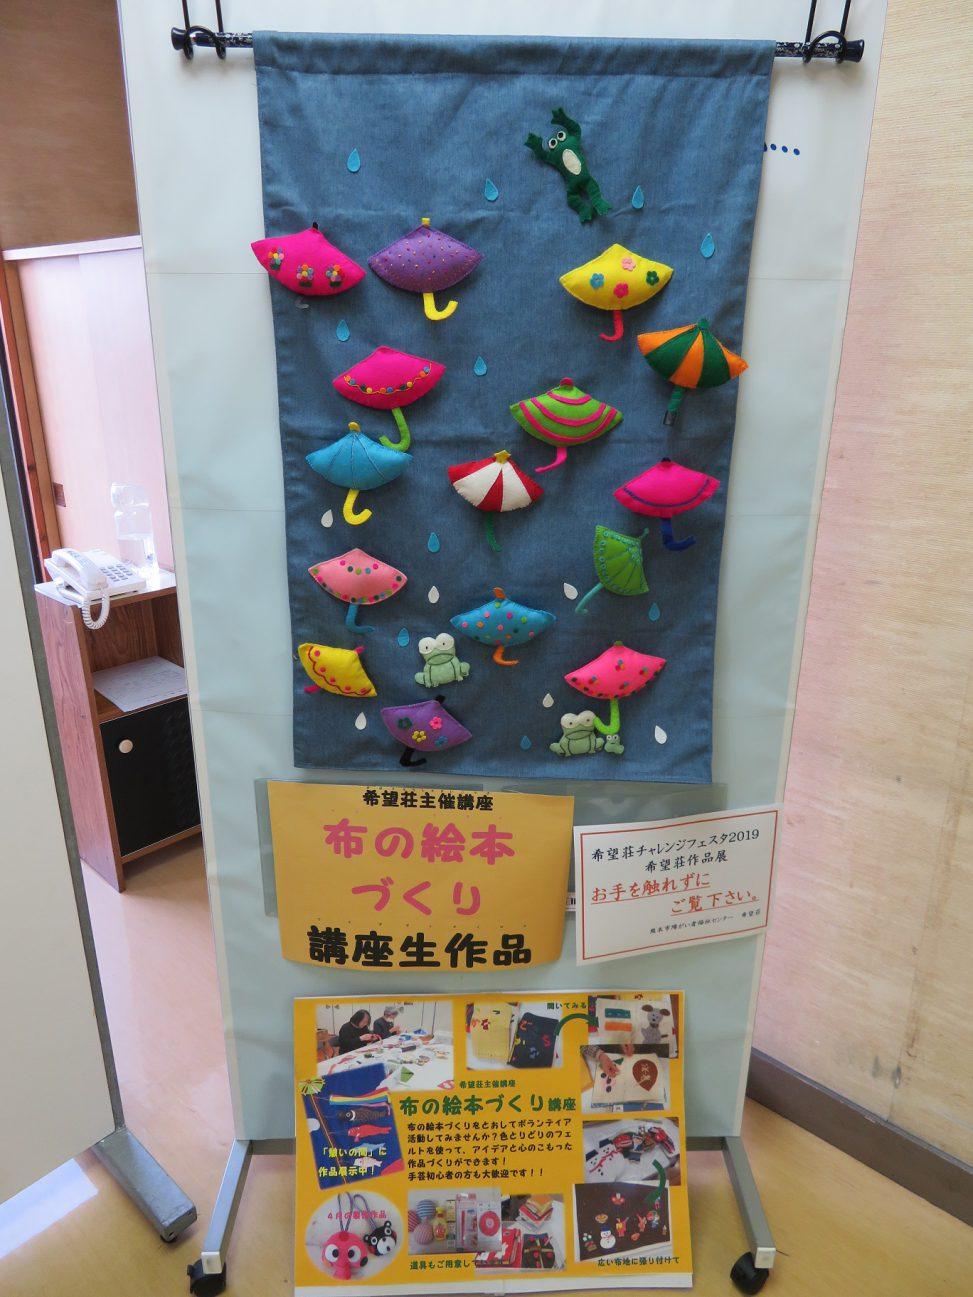 布の絵本講座 - 熊本市障がい者福祉センター希望荘 学習講座